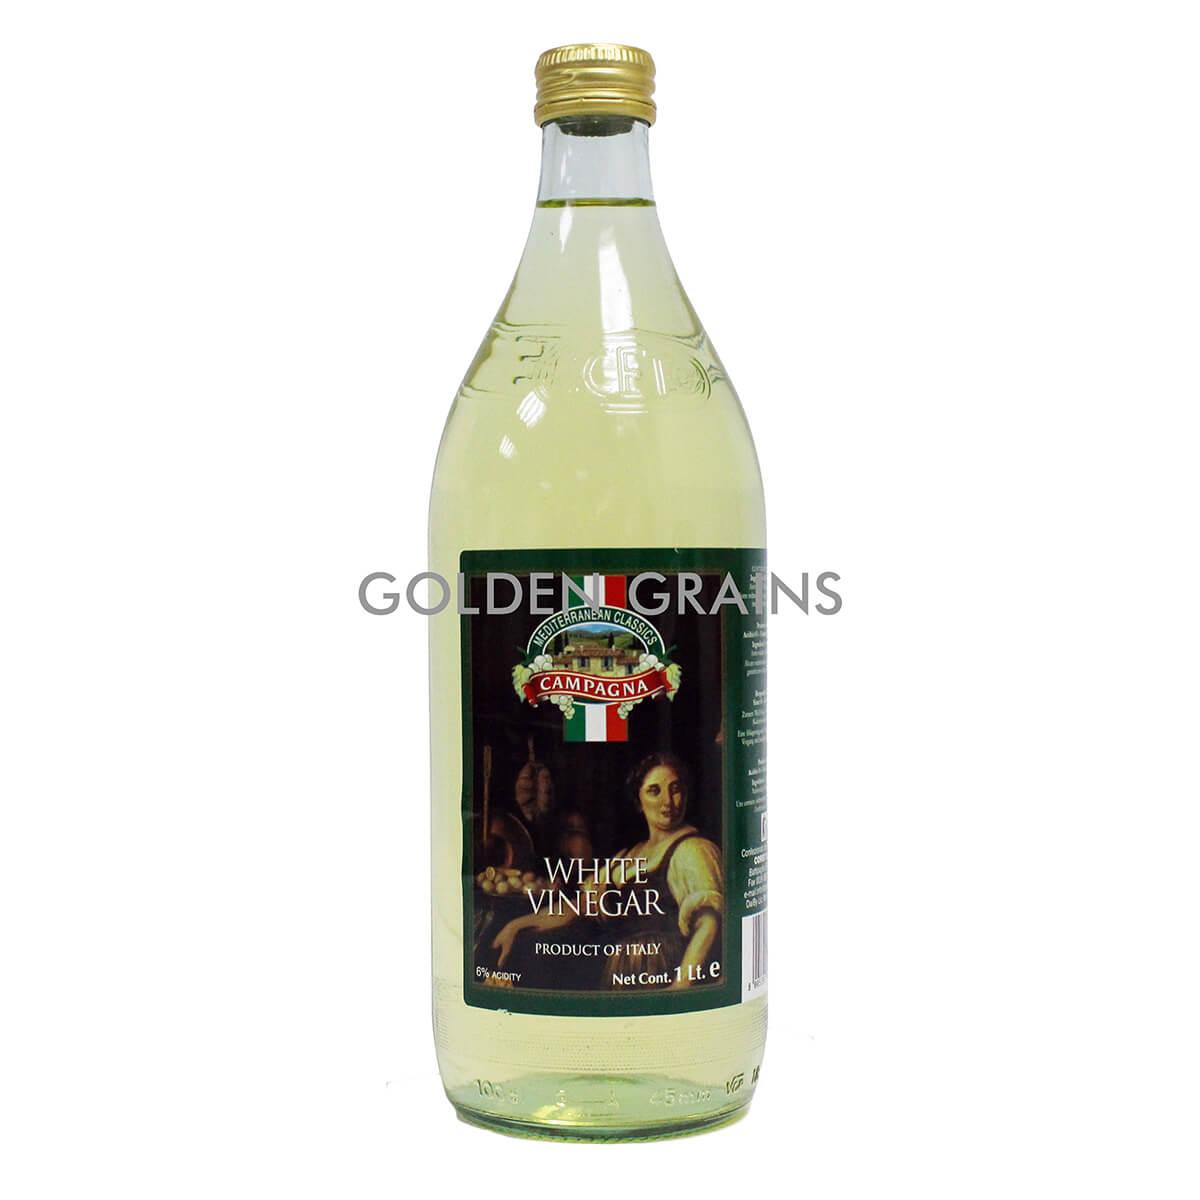 Golden Grains Campagna - White Vinegar - 1 LTR - Italy - Front .jpg